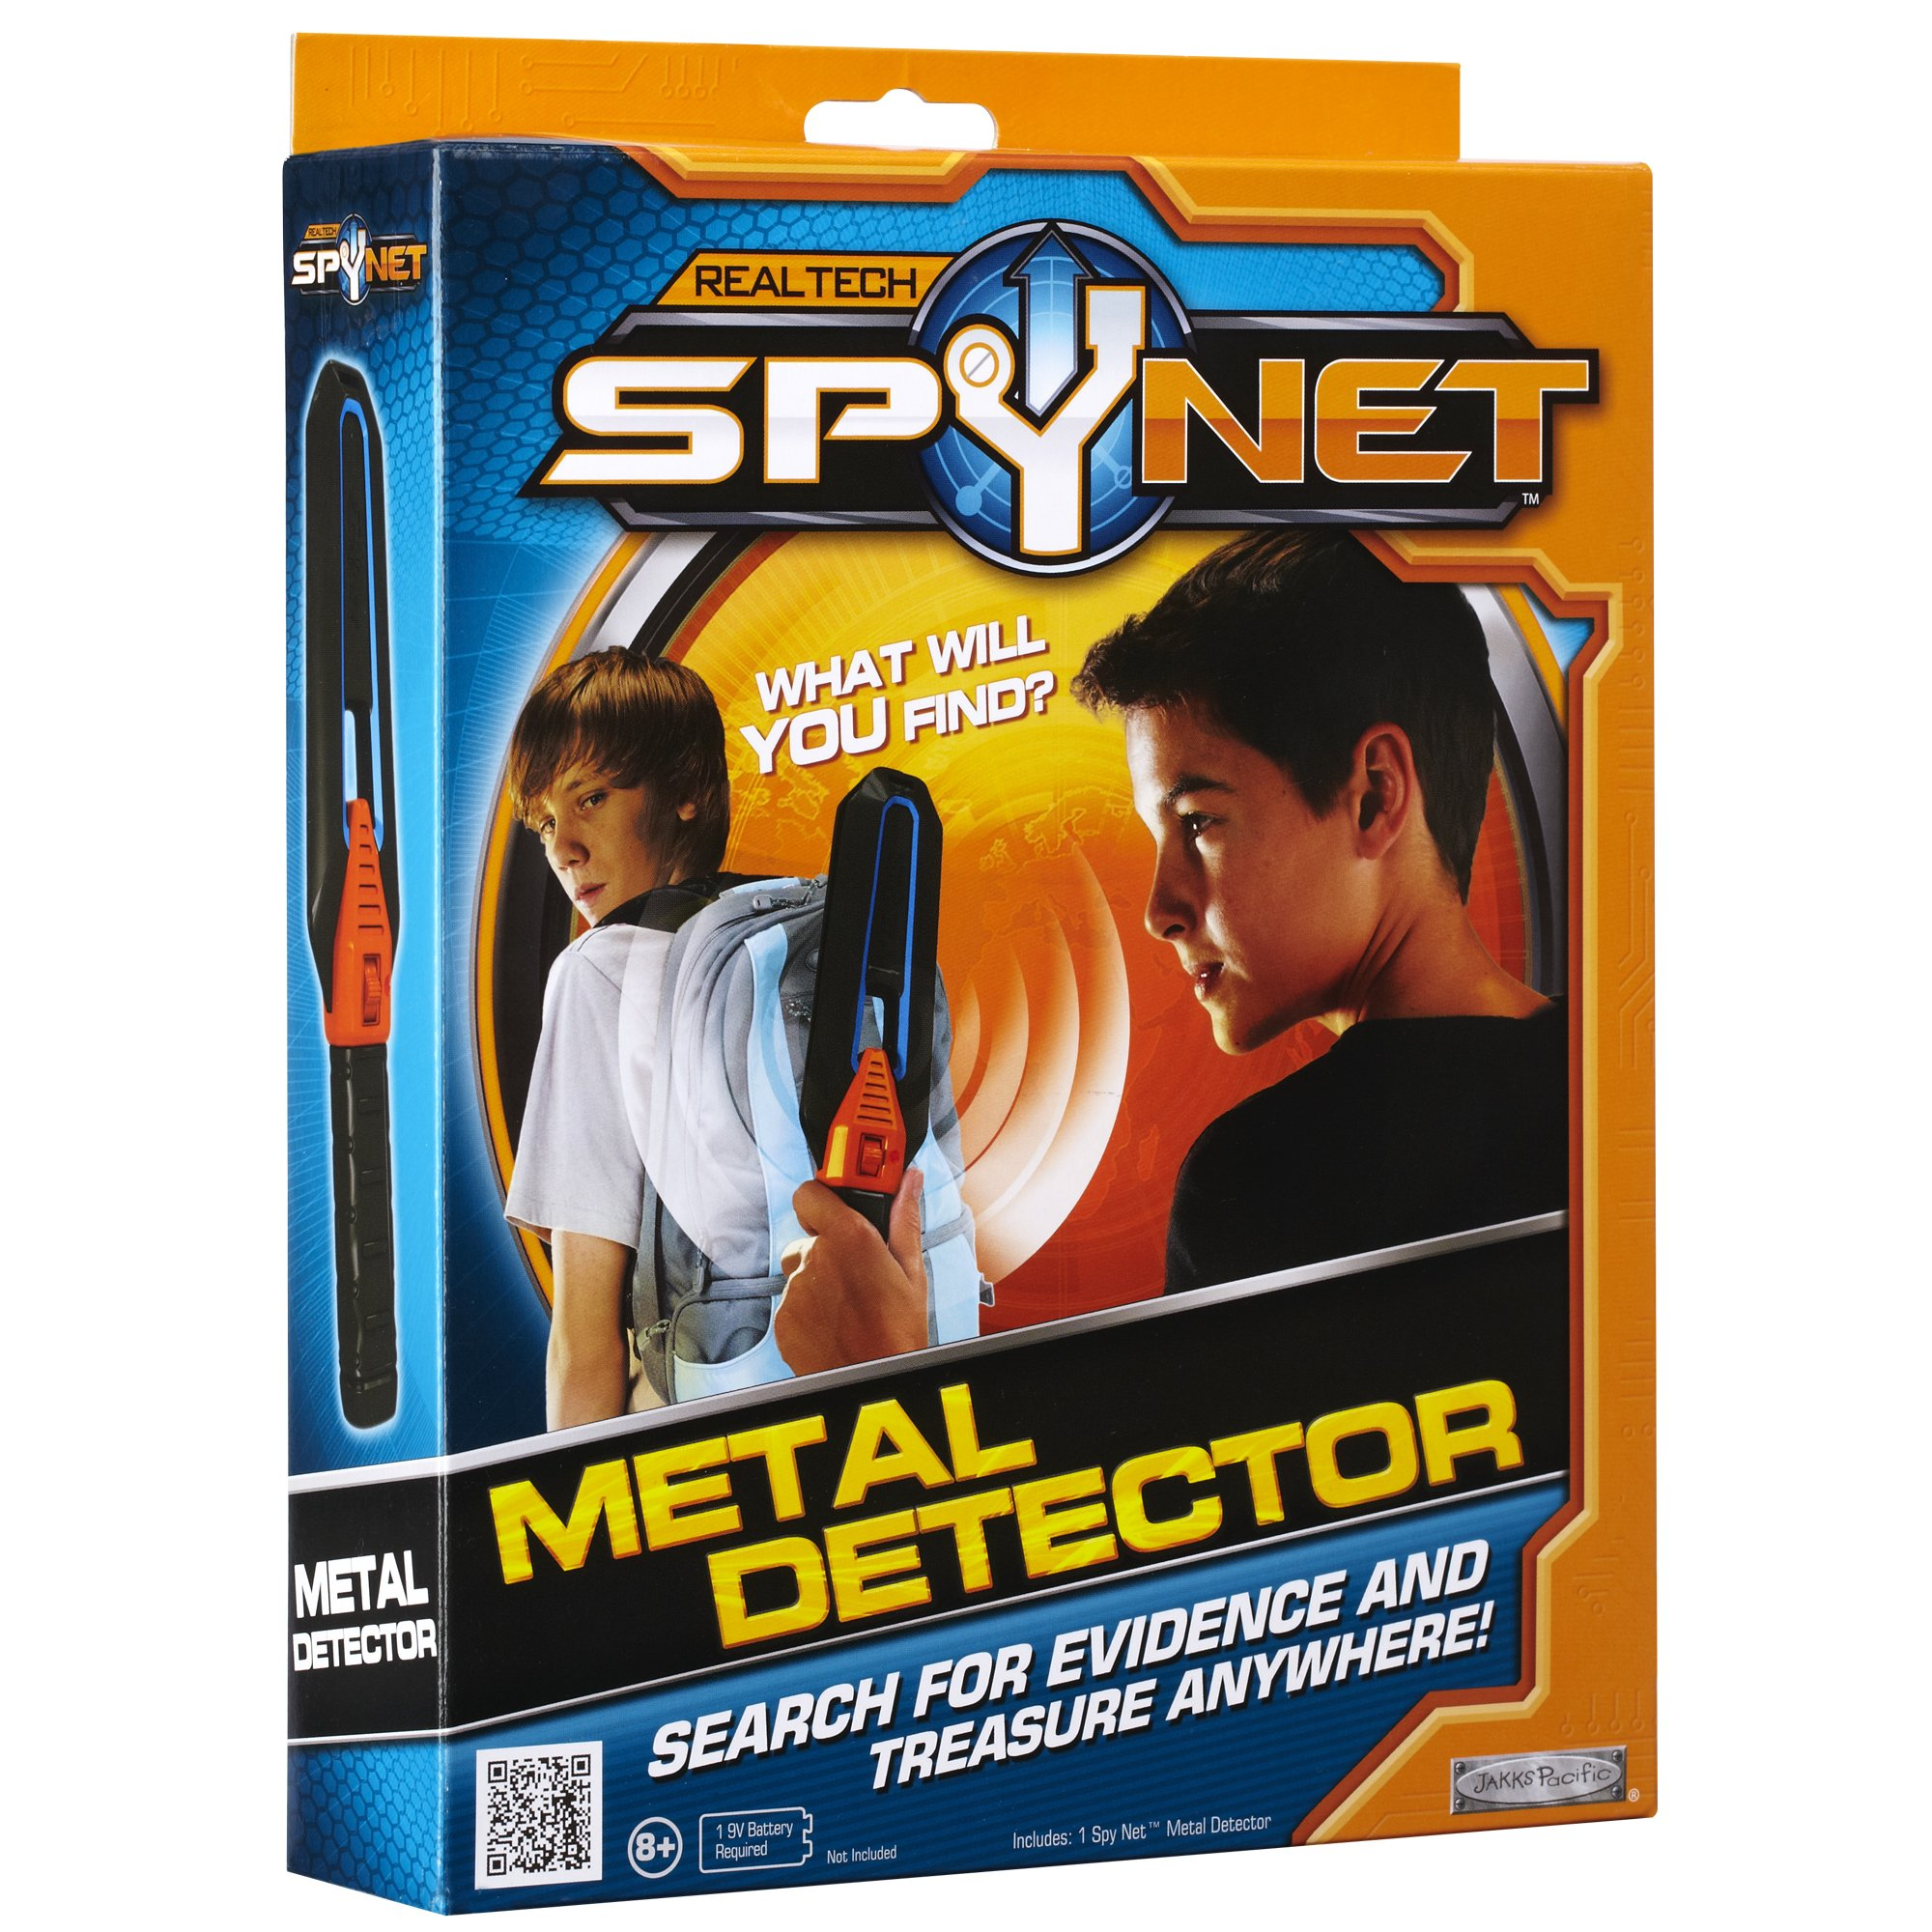 SpyNet Metal Detector by SpyNet (Image #3)